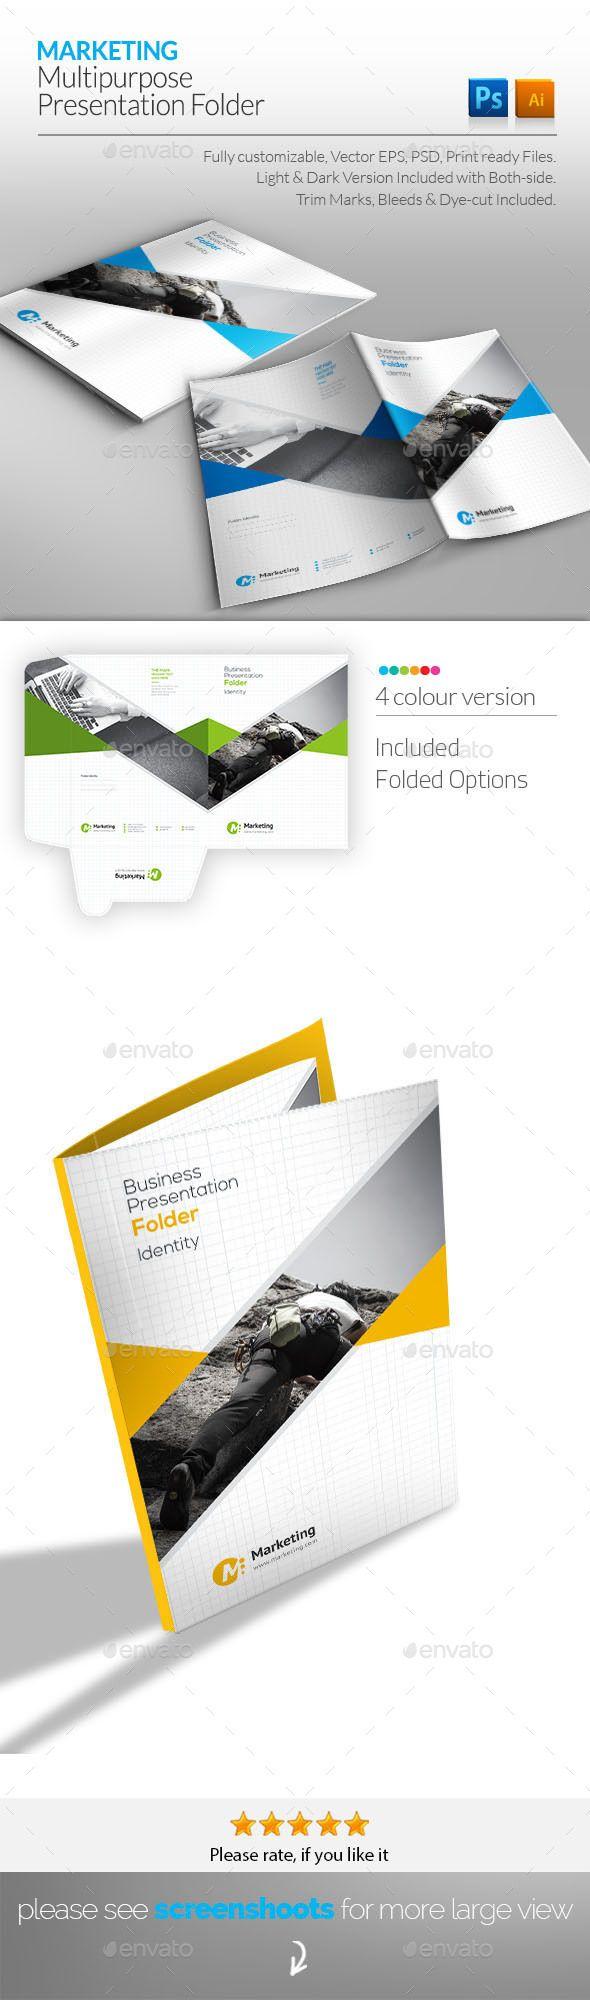 Corporate Presentation Folder Template PSD, AI Illustrator #design ...